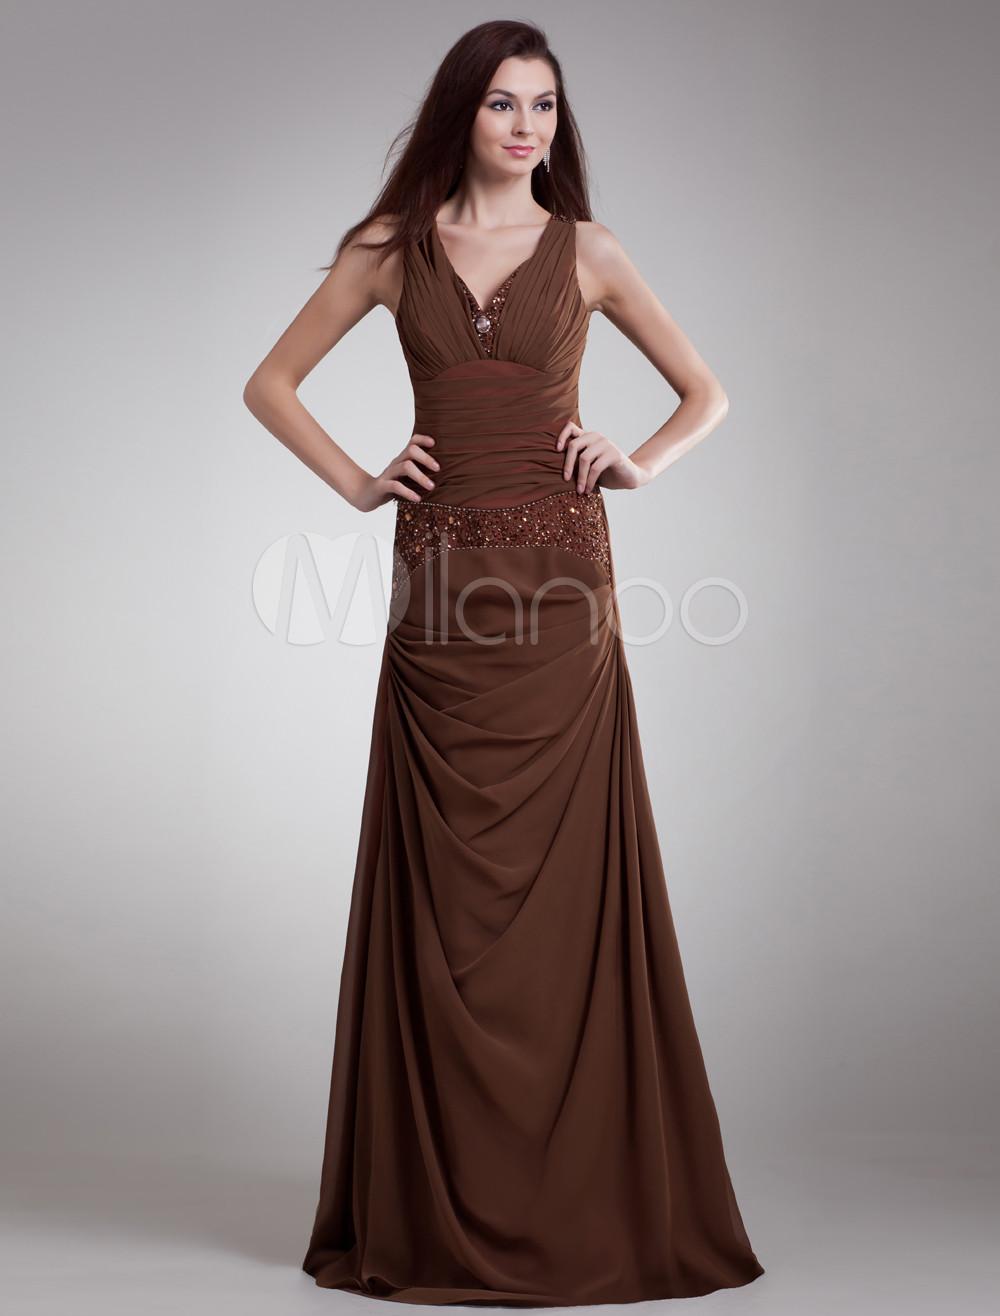 robe de soire en chiffon marron avec perles de col v milanoocom - Milanoo Robe De Soiree Pour Mariage